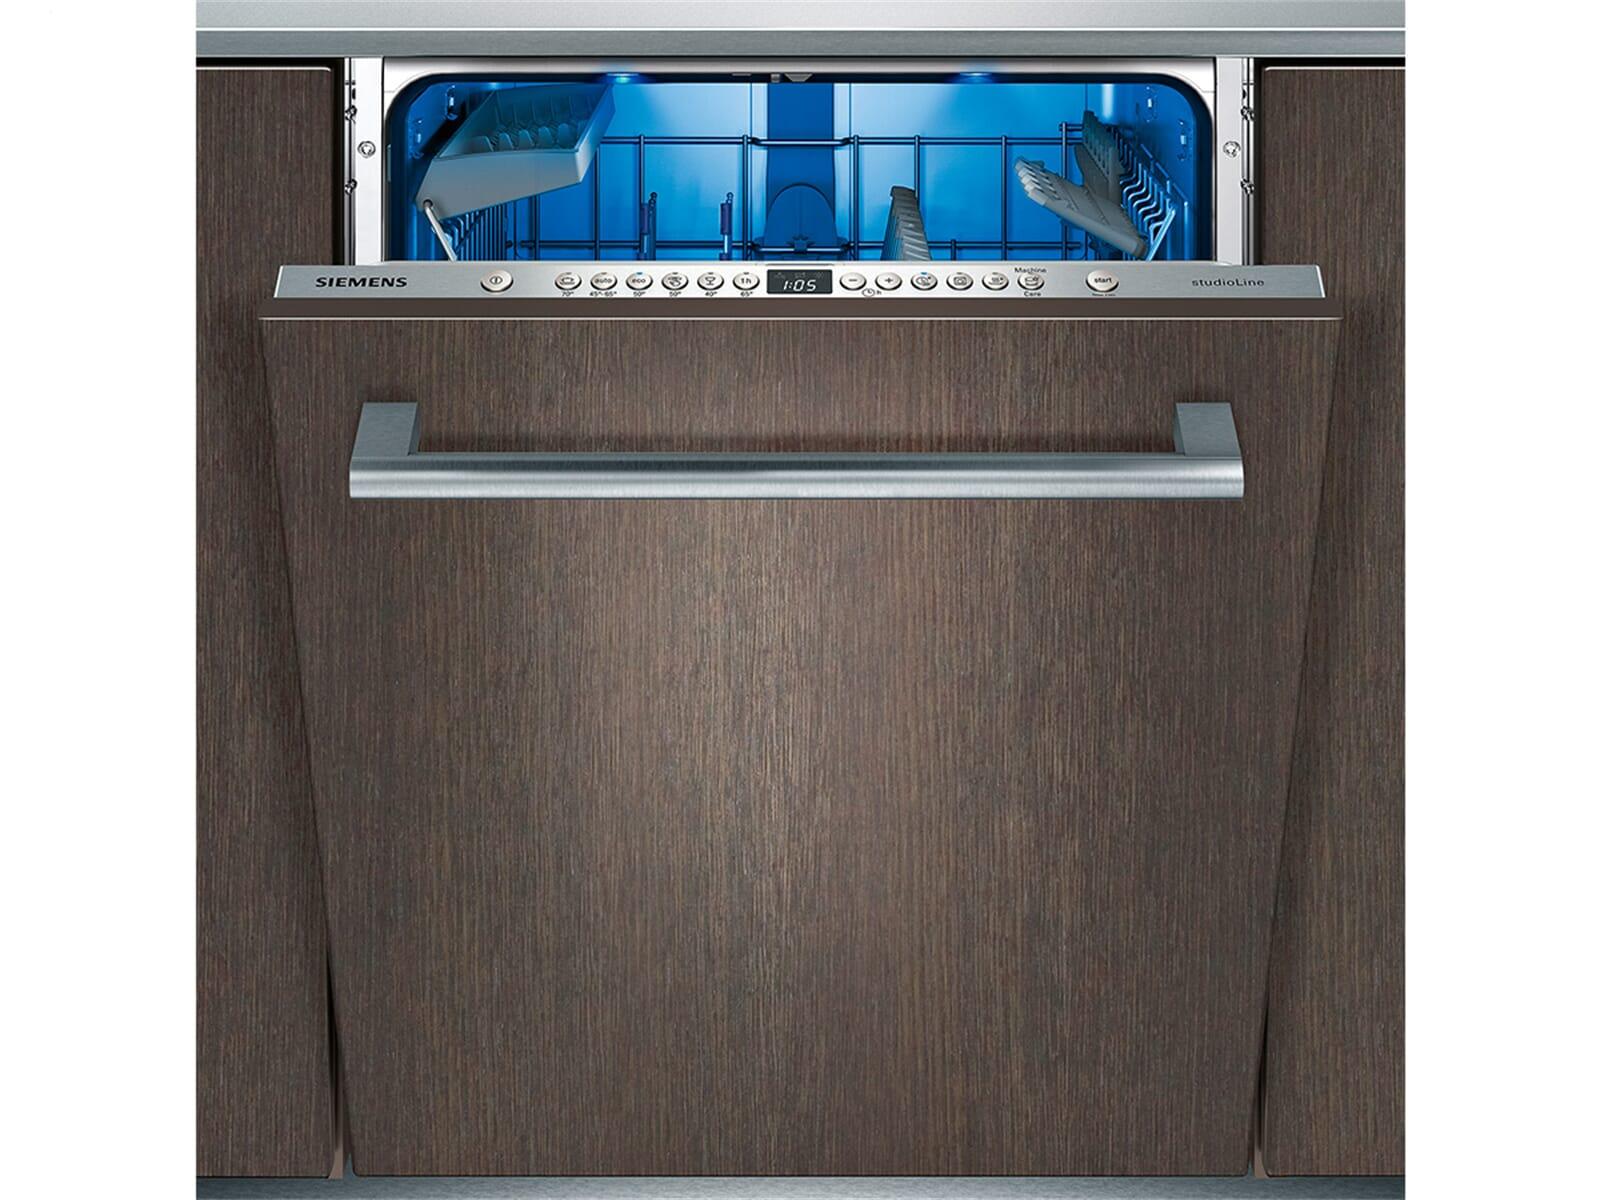 Siemens Kühlschrank Beschreibung : Siemens studioline sn pe vollintegrierbarer einbaugeschirrspüler